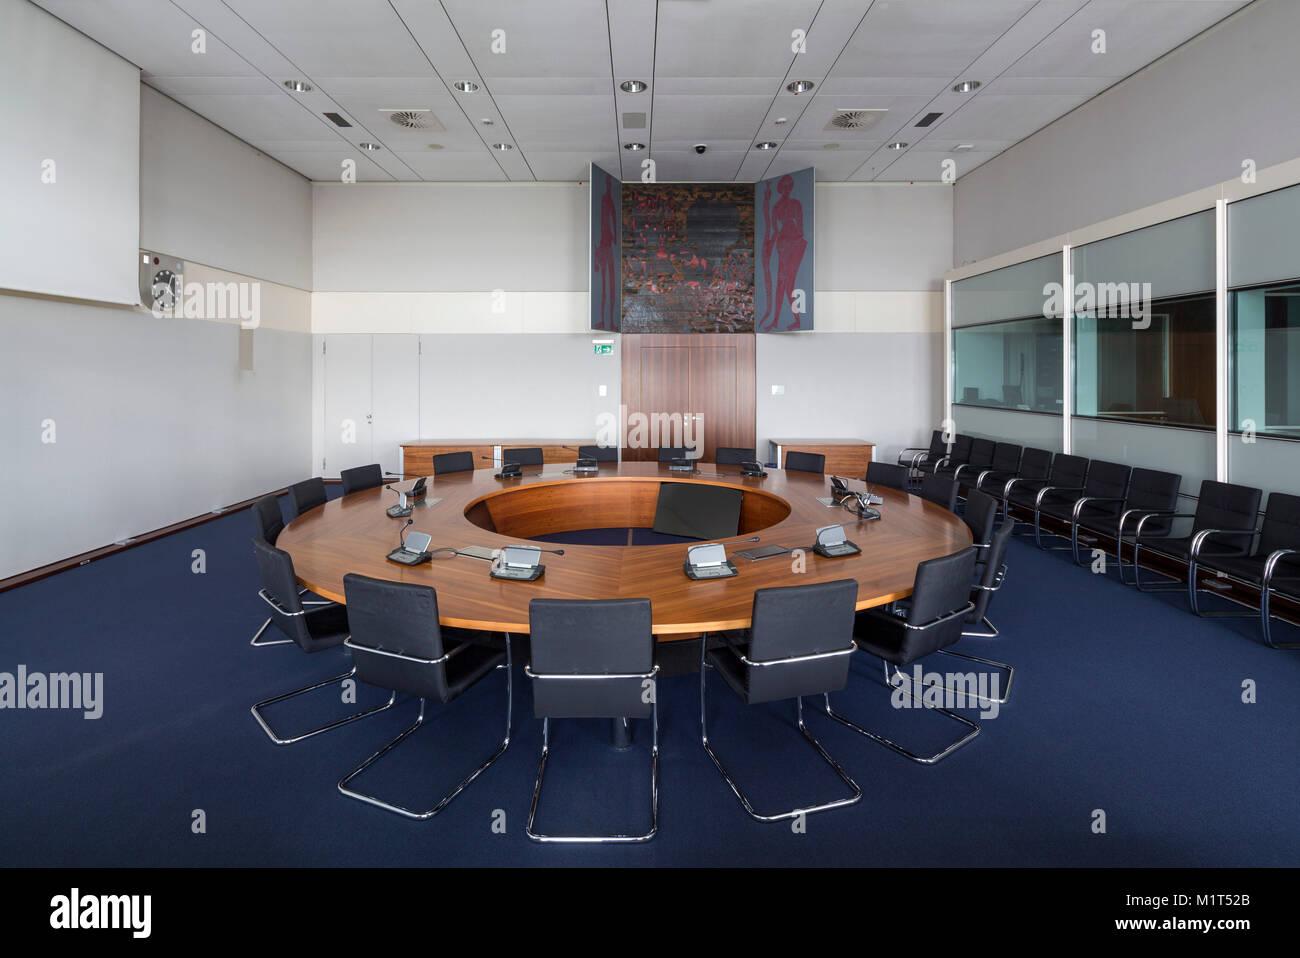 """Bonn, Regierungsviertel (Bundesviertel, Parlamentsviertel), Ehemaliges Abgeordnetenhochhaus """"Langer Eugen"""", 1966-1969 von Egon Eiermann erbaut, he Stock Photo"""